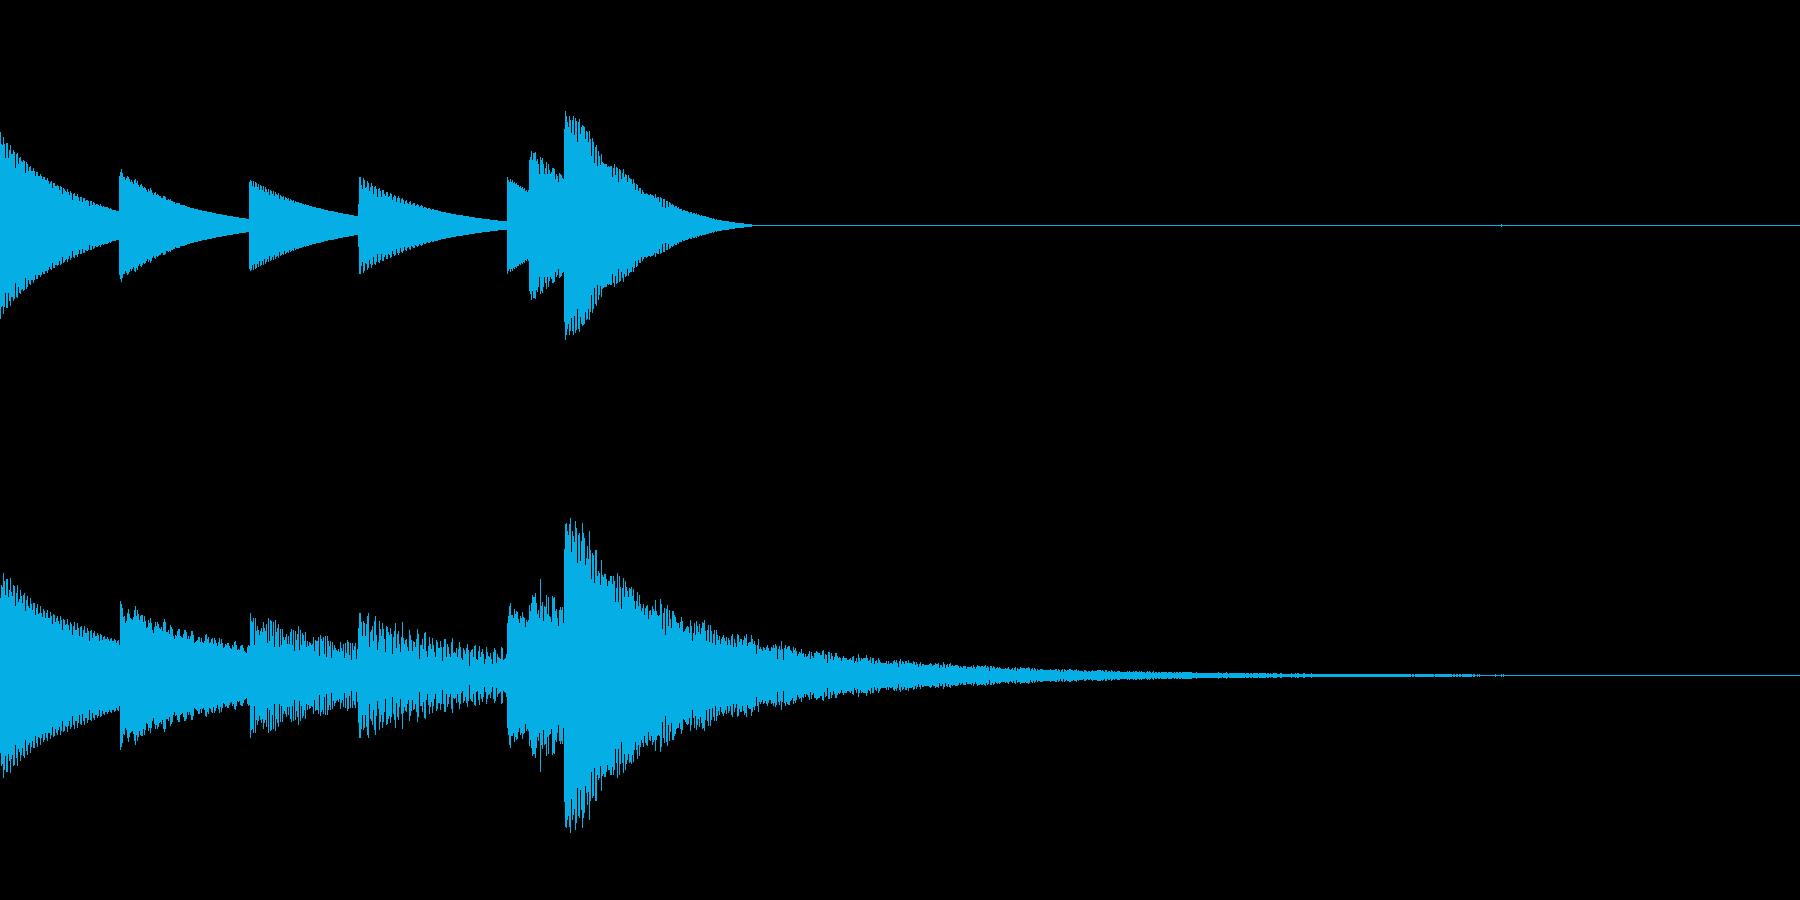 清らかな印象のベルを使用したジングルの再生済みの波形